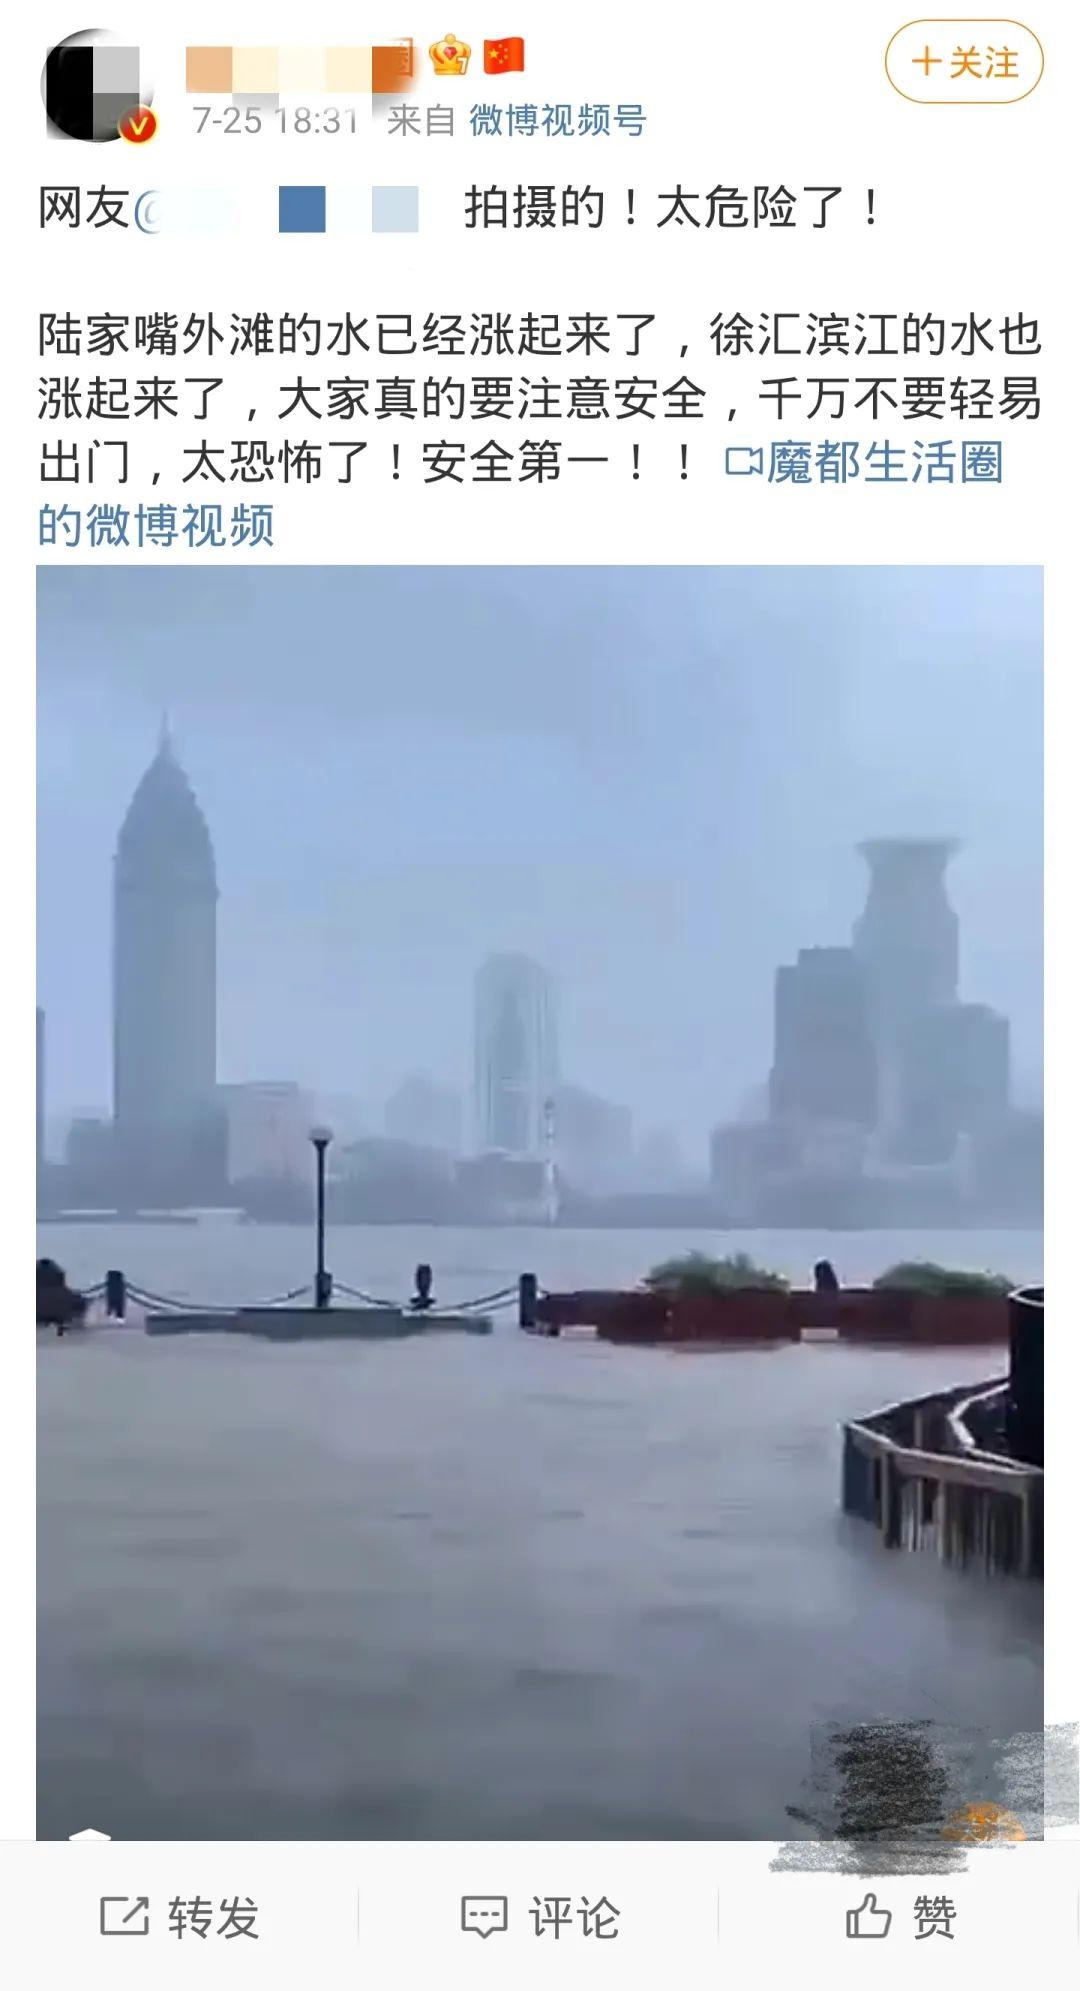 """上海""""陆家嘴滨江亲水平台被淹""""?莫慌,真相来了!图片"""